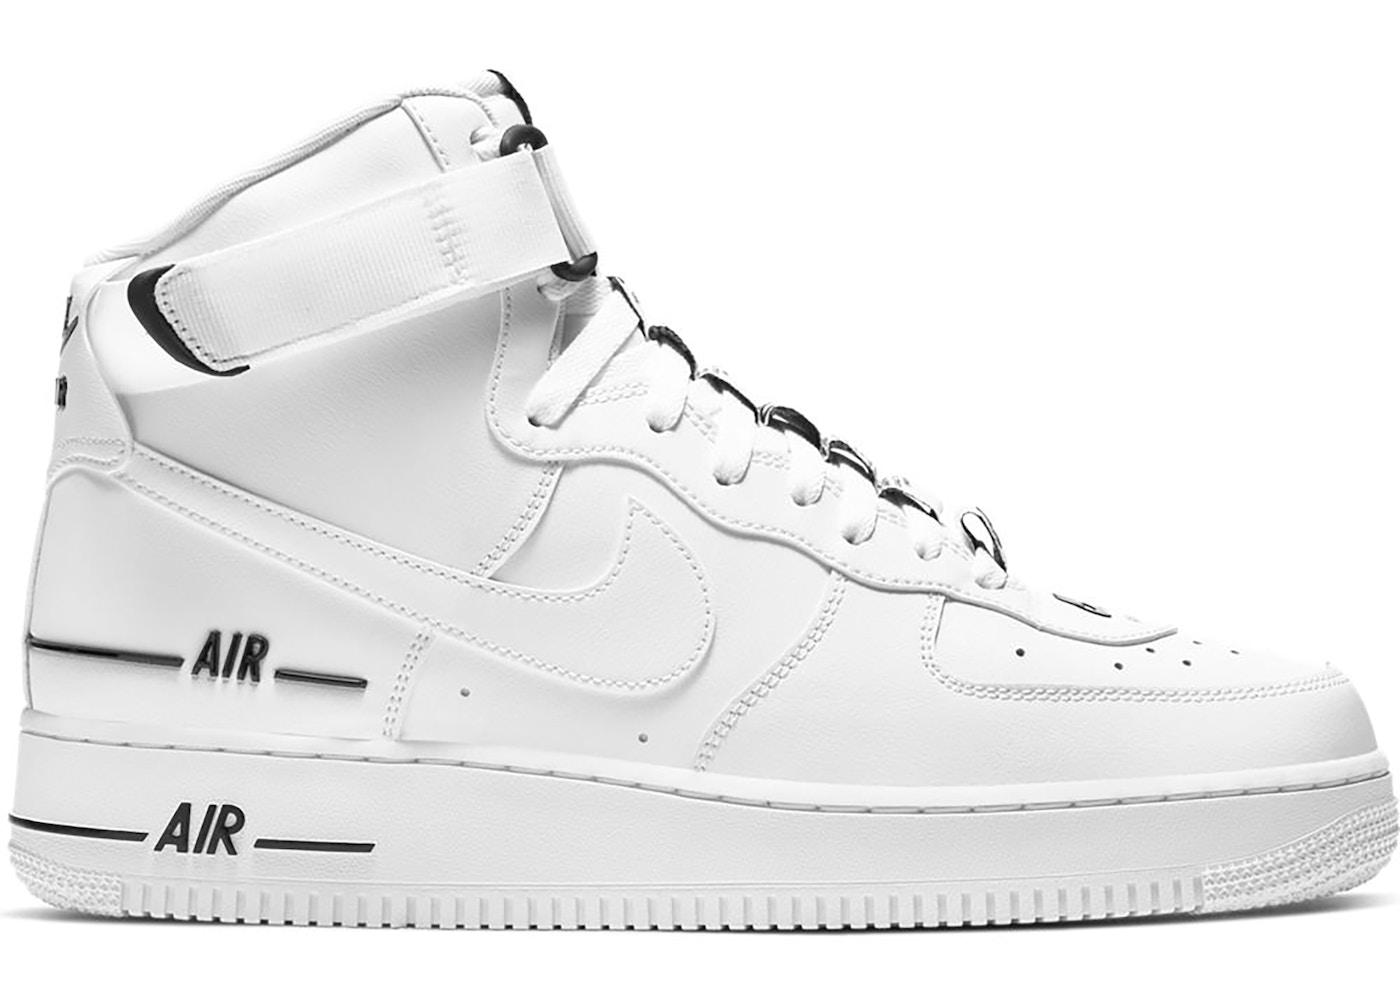 Nike Air Force 1 High Dual Air White Black Cj1385 100